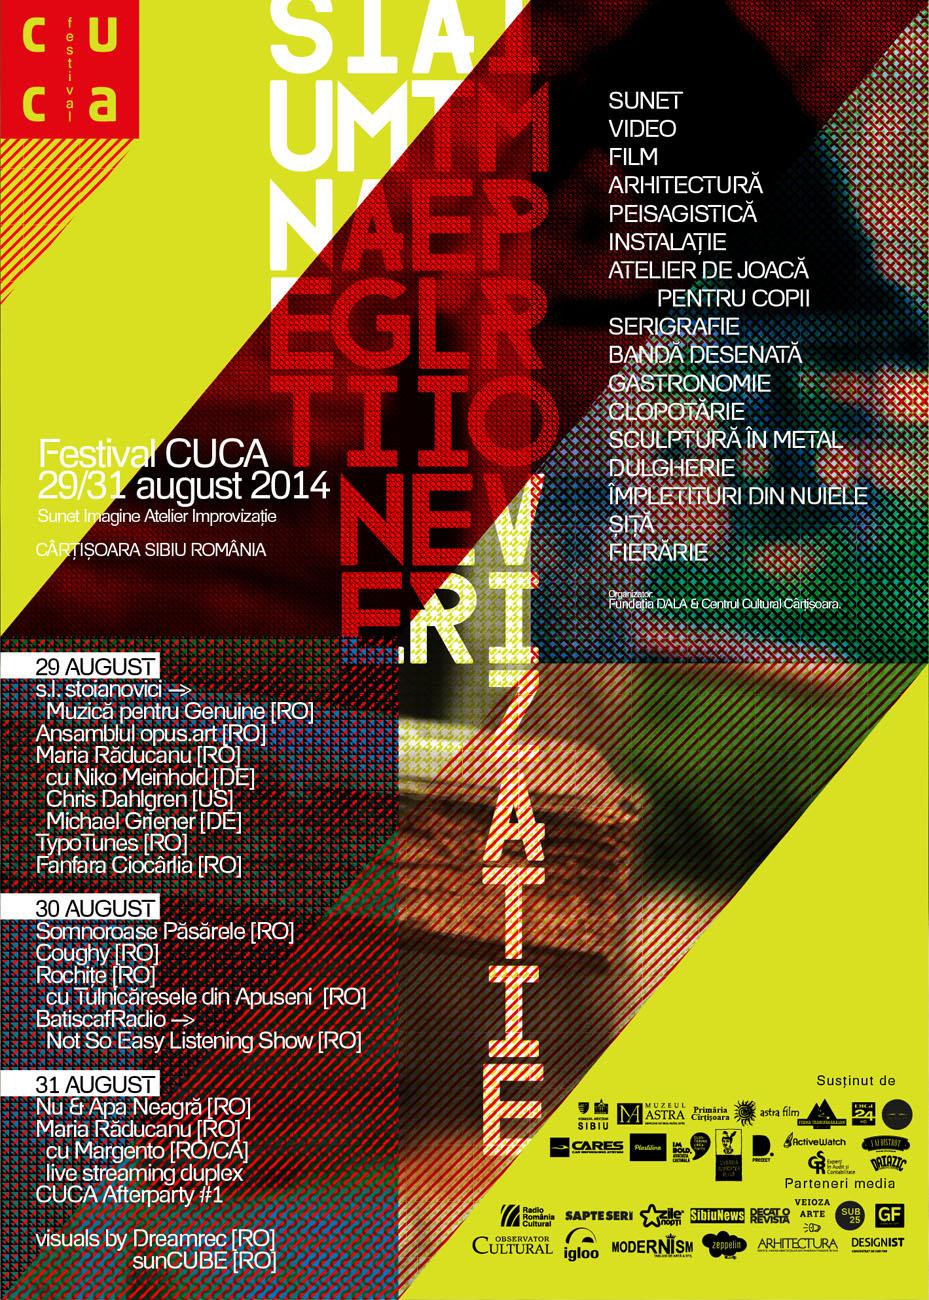 FESTIVAL CUCA 2014, Ediția #1